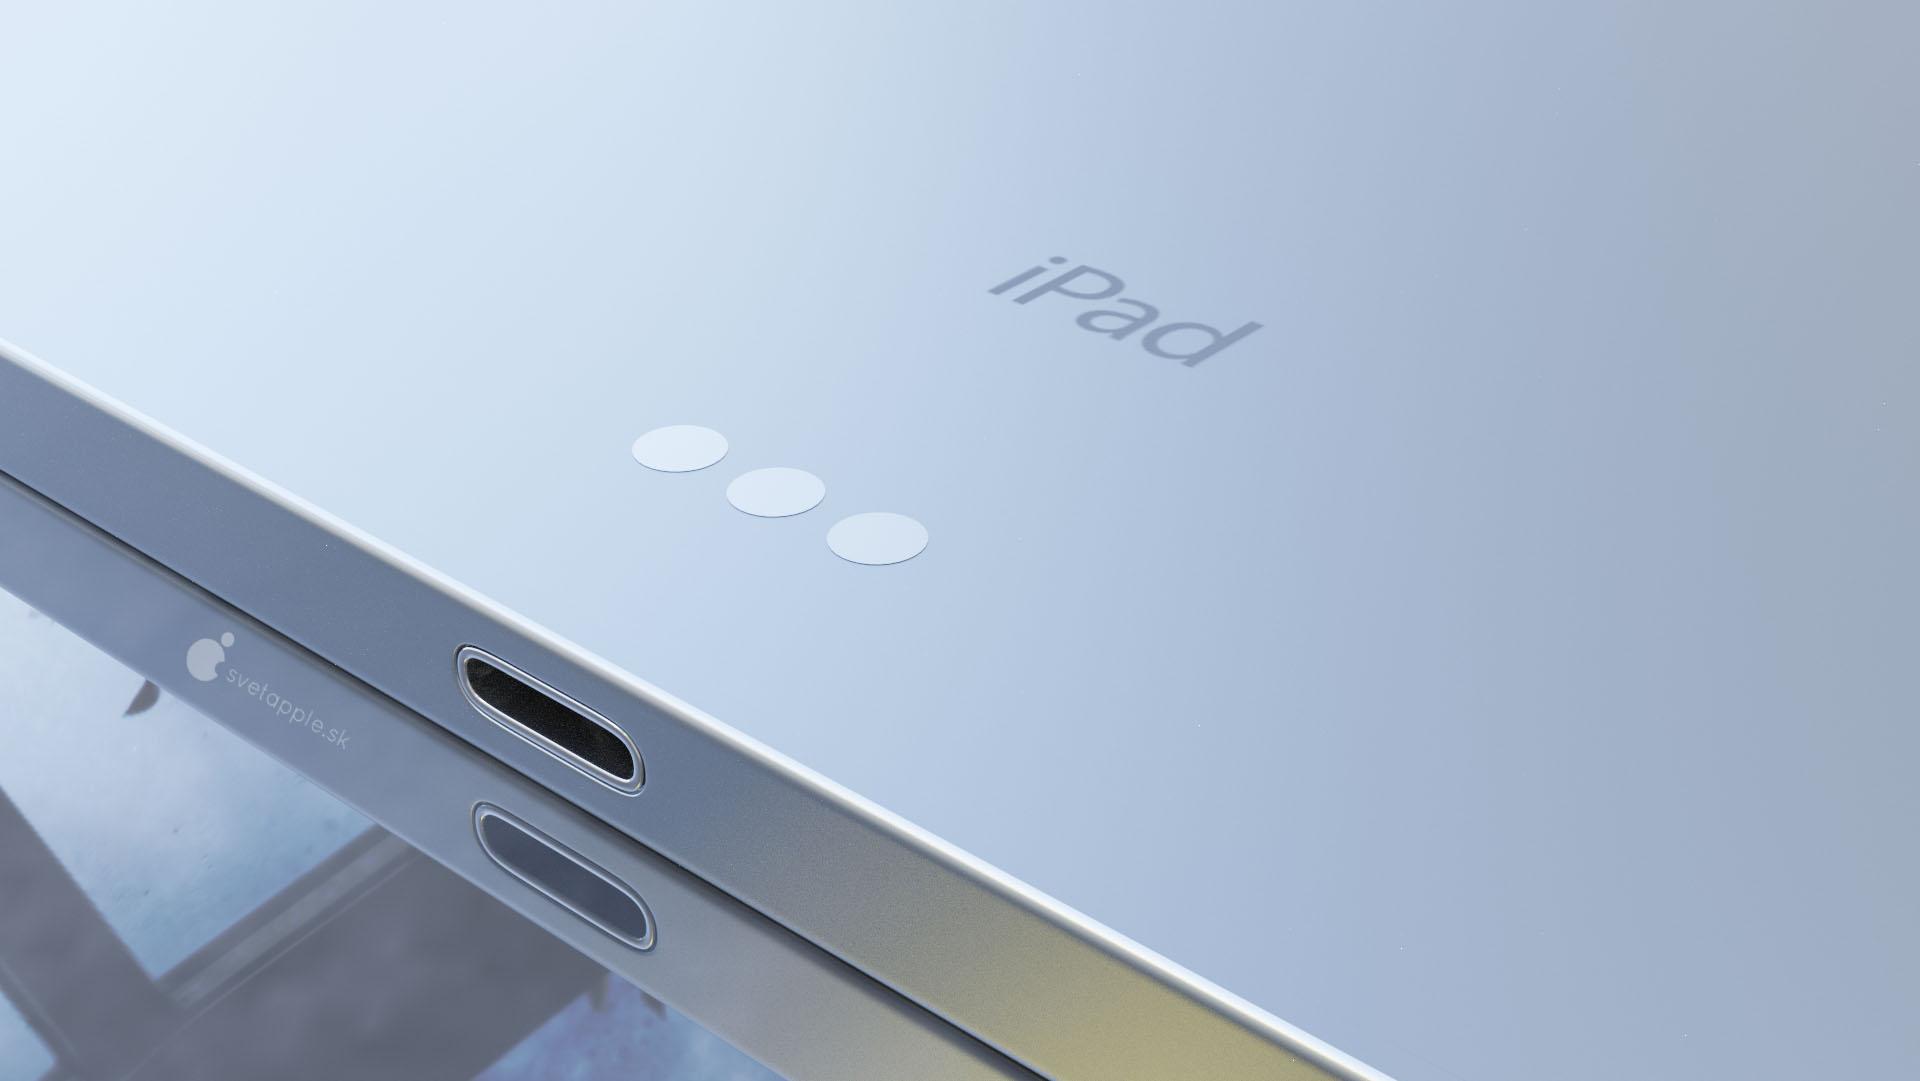 iPad Air 4 renders by Svetapple